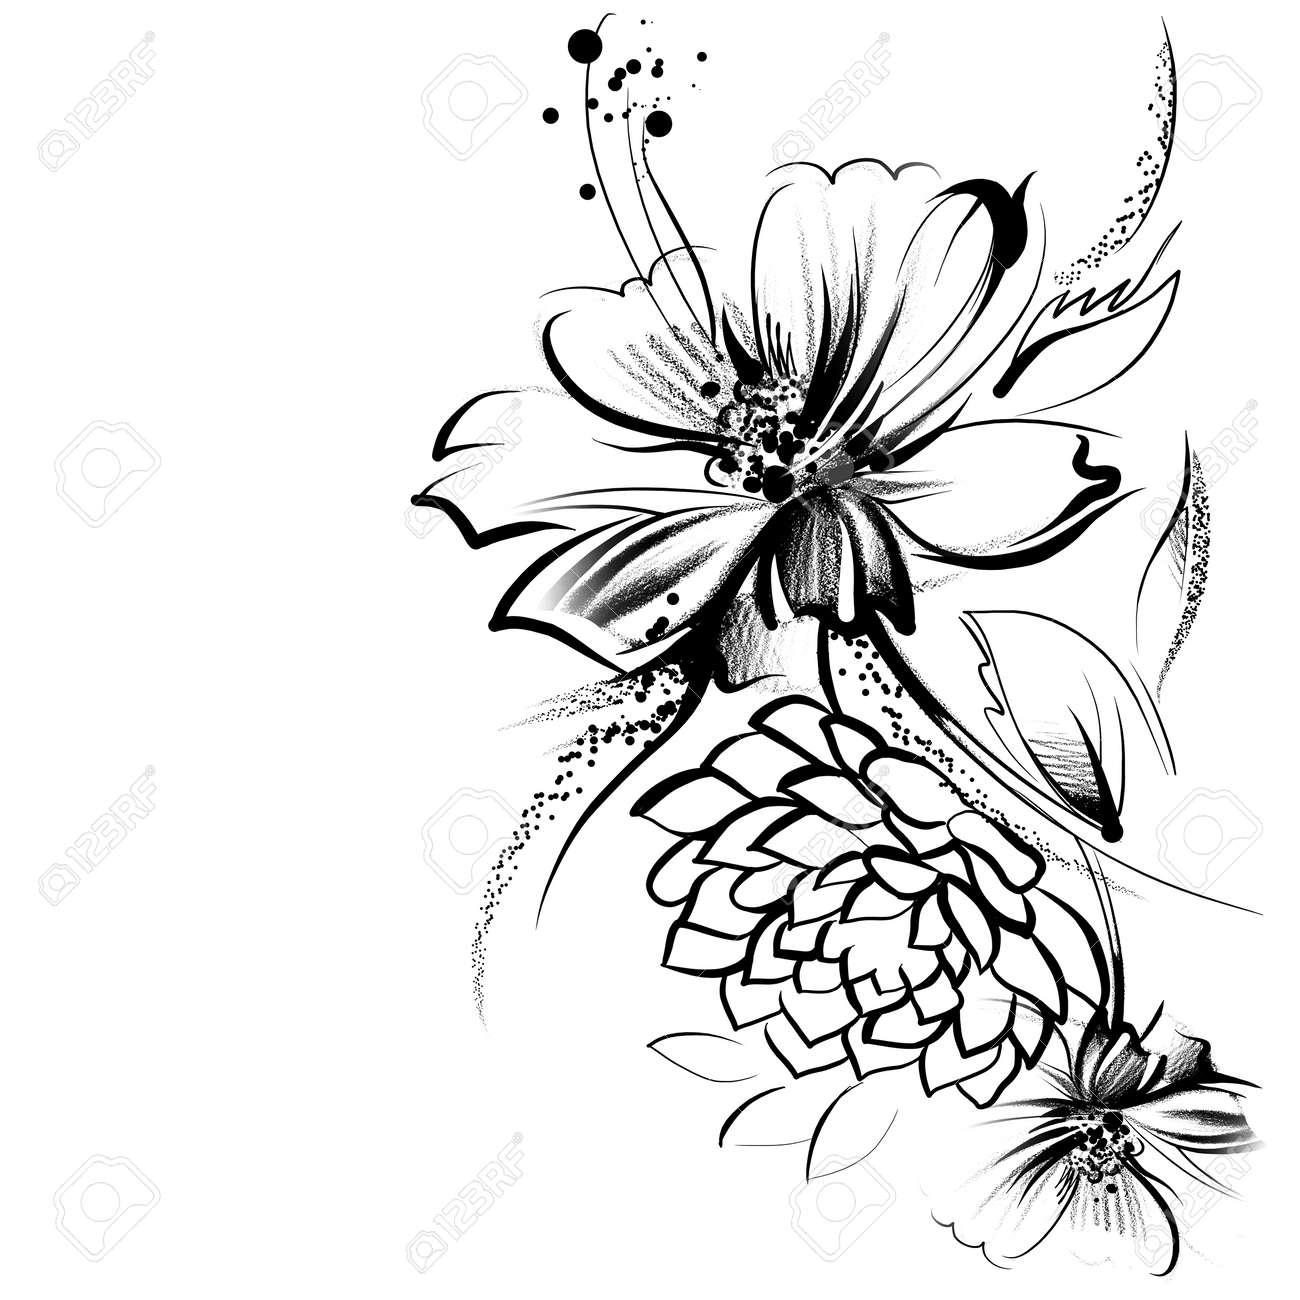 Fleurs Tracées à Lencre Sur Le Vieux Papier Le Dessin Denfant Un Crayon Dans La Technologie Graphique Roses Et Marguerites Vintage Style